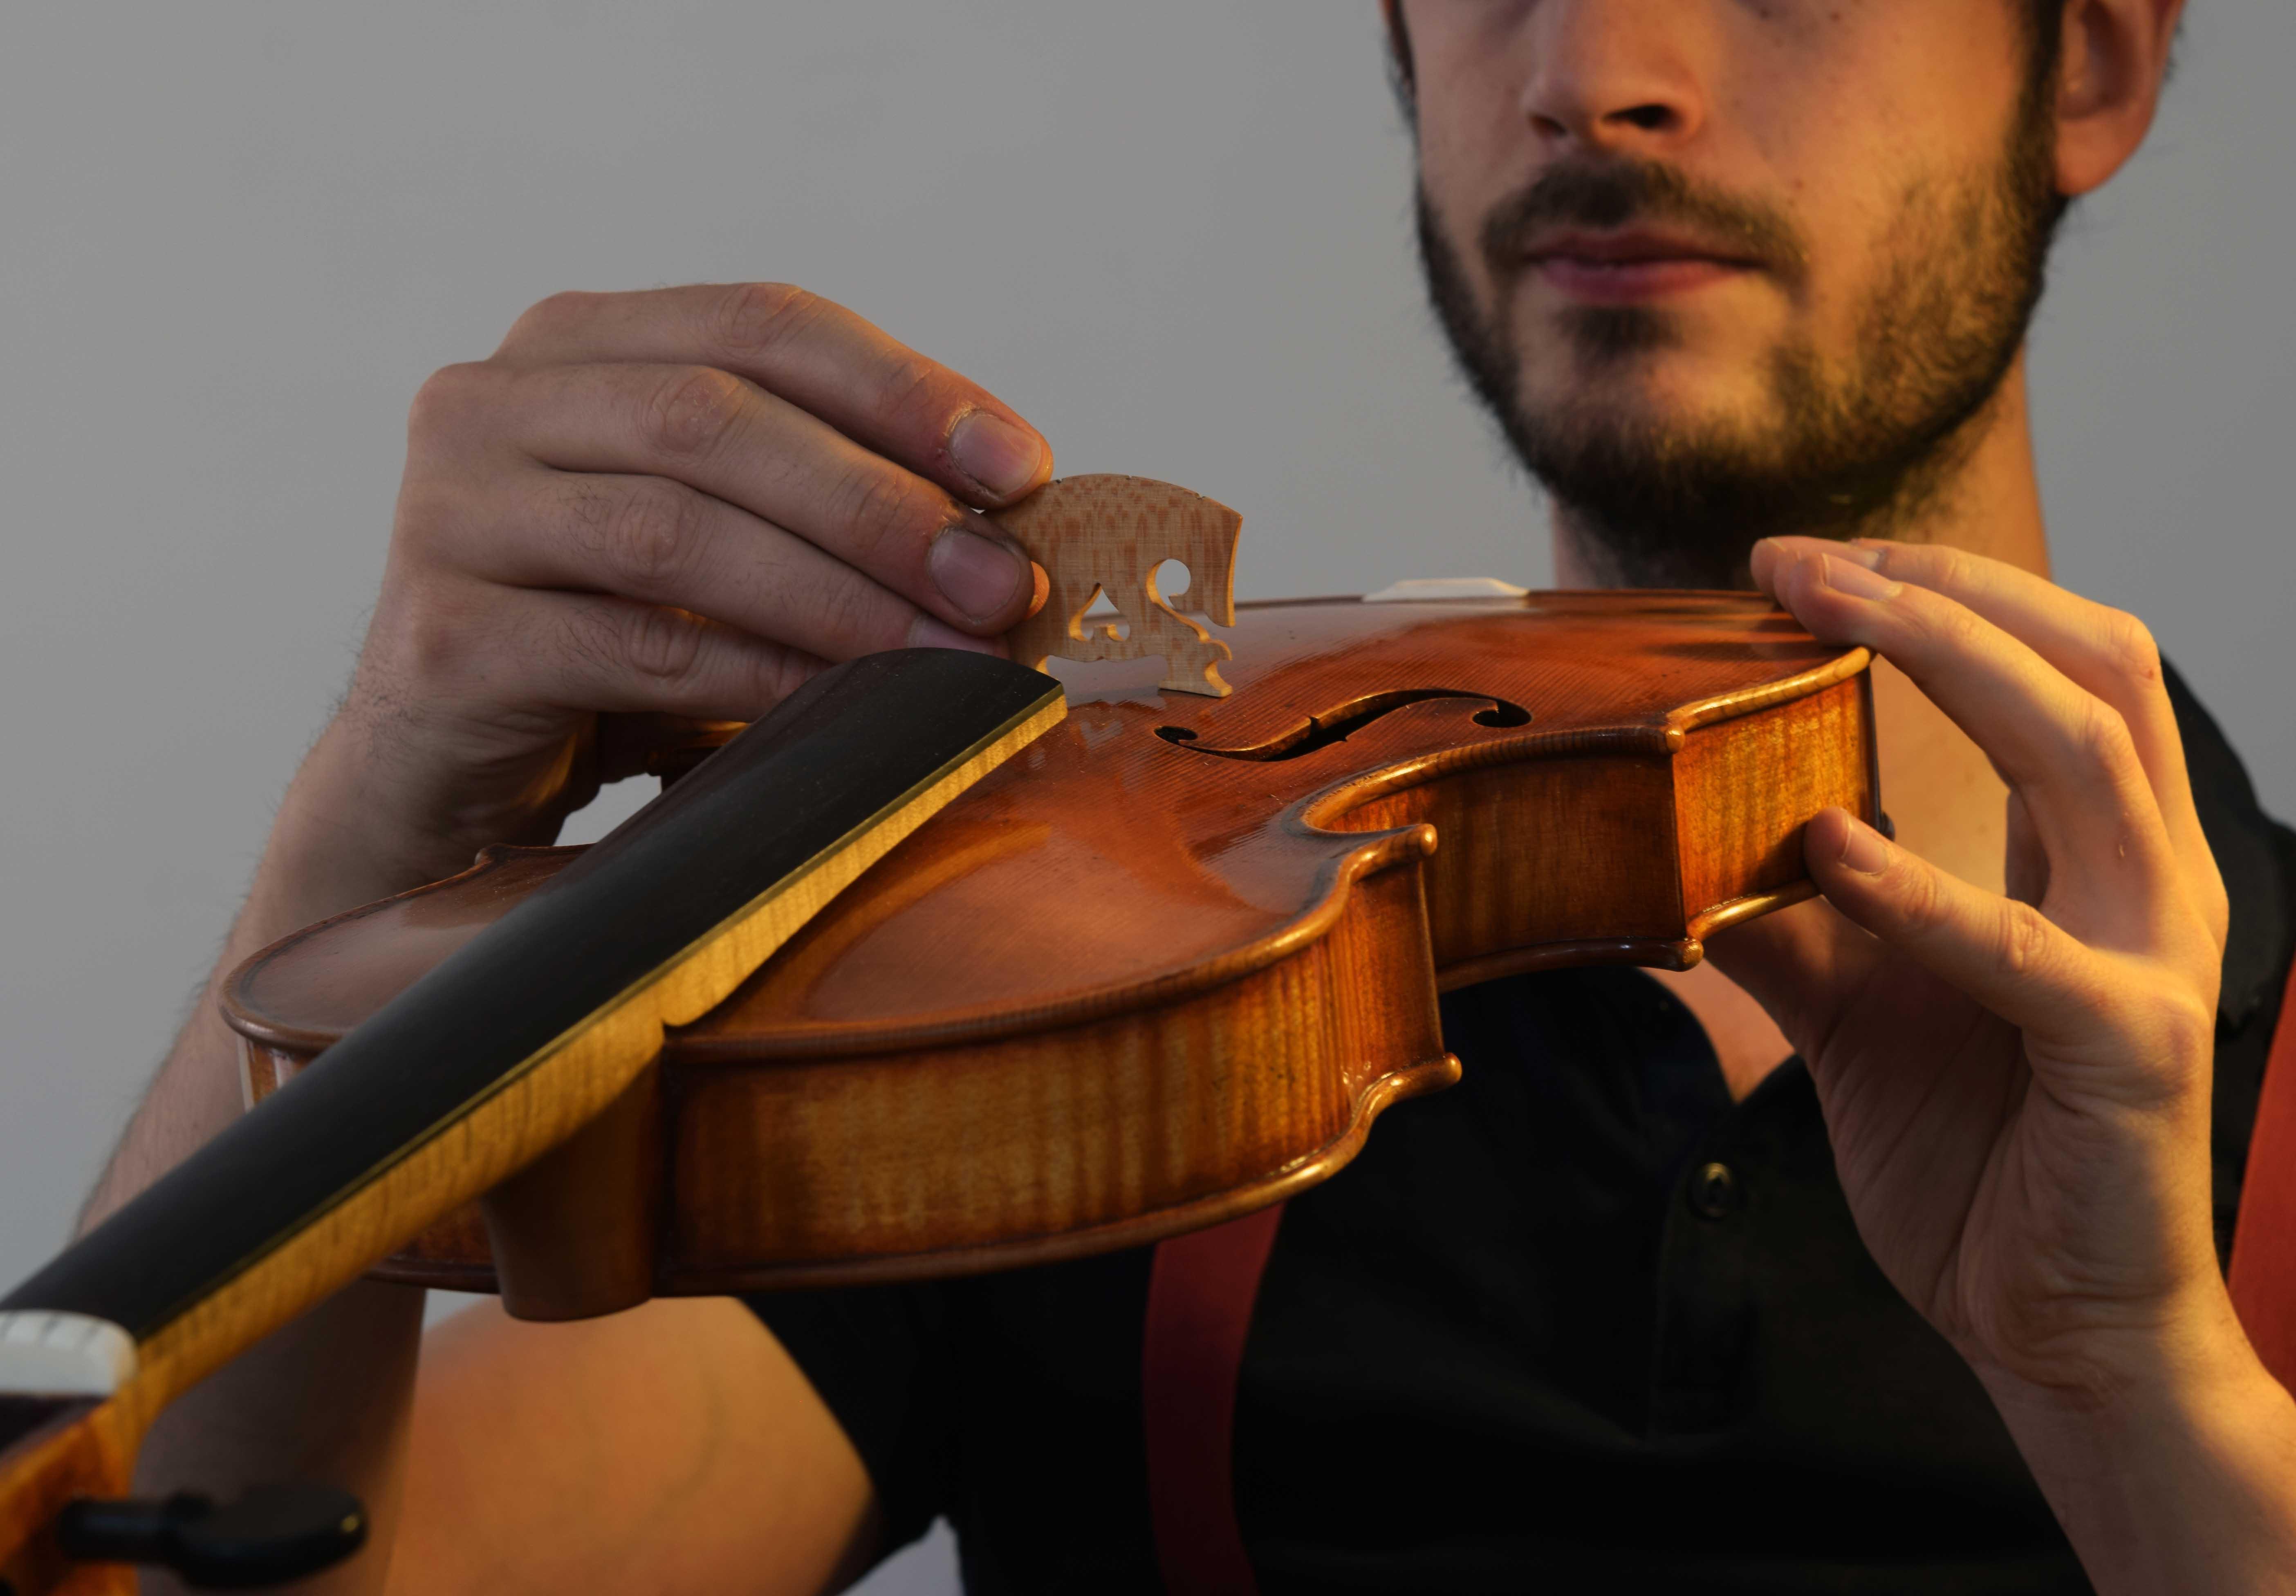 réglage instrument ancien